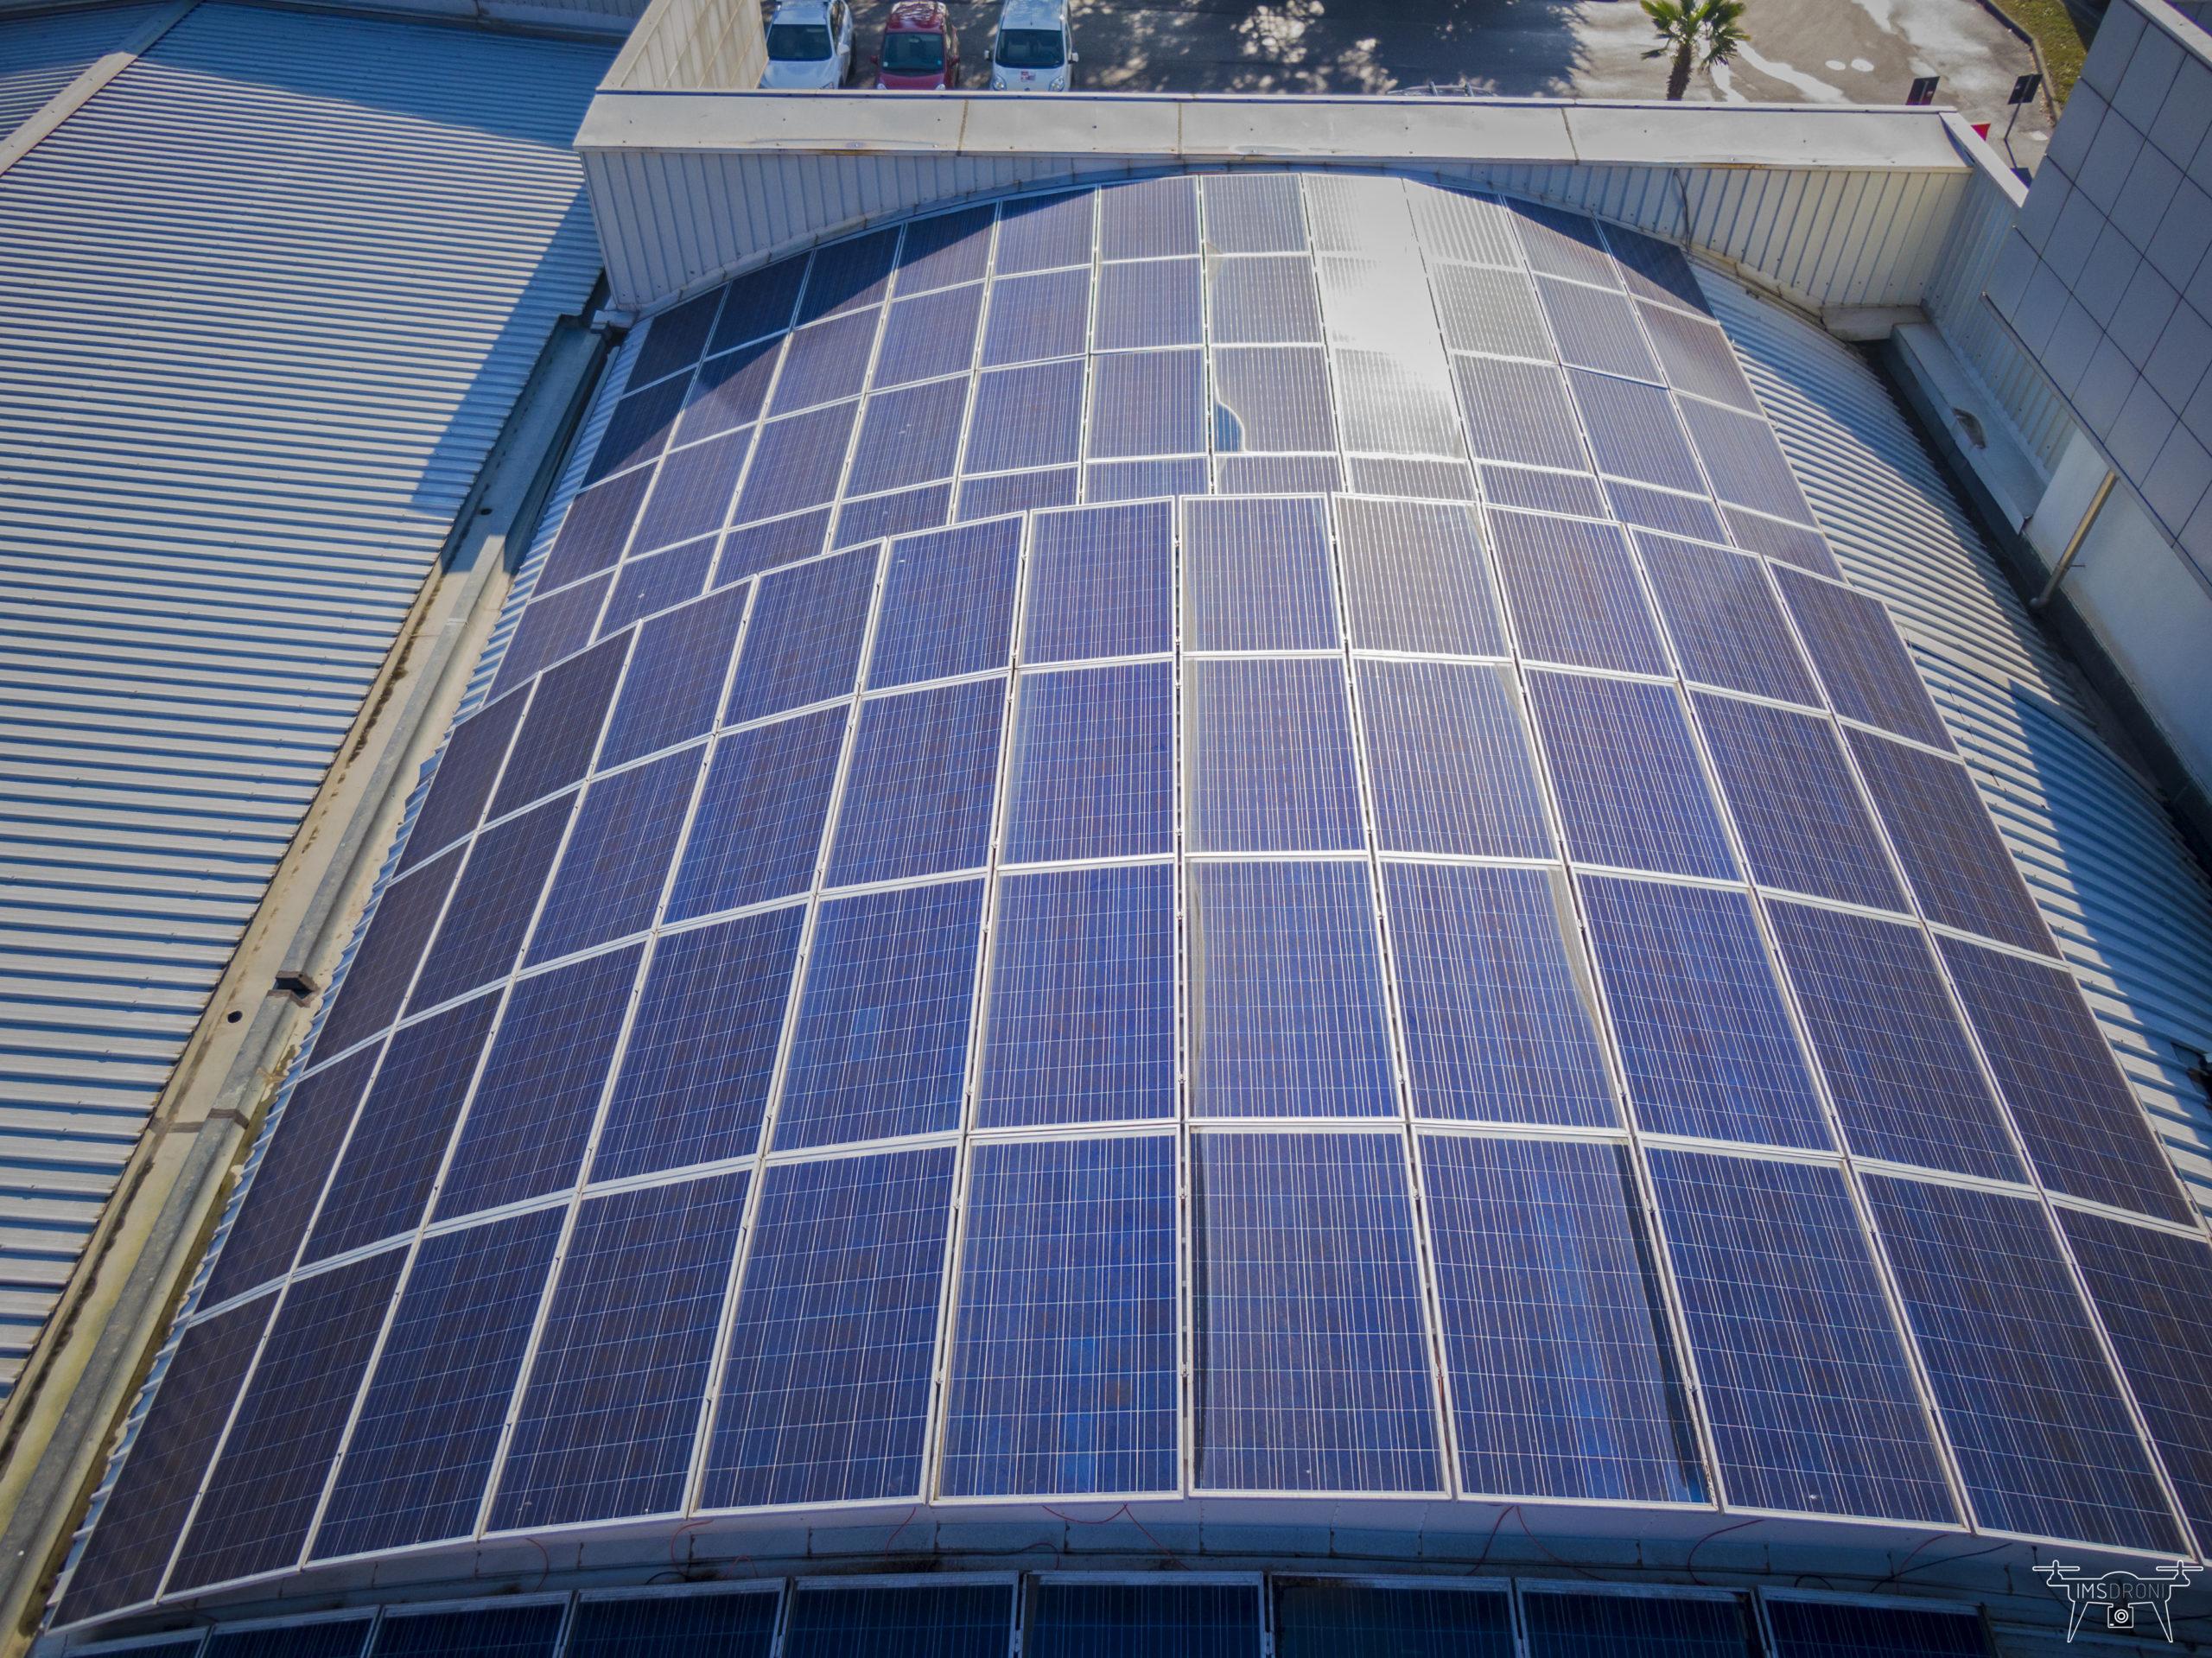 Controllo pannelli solari